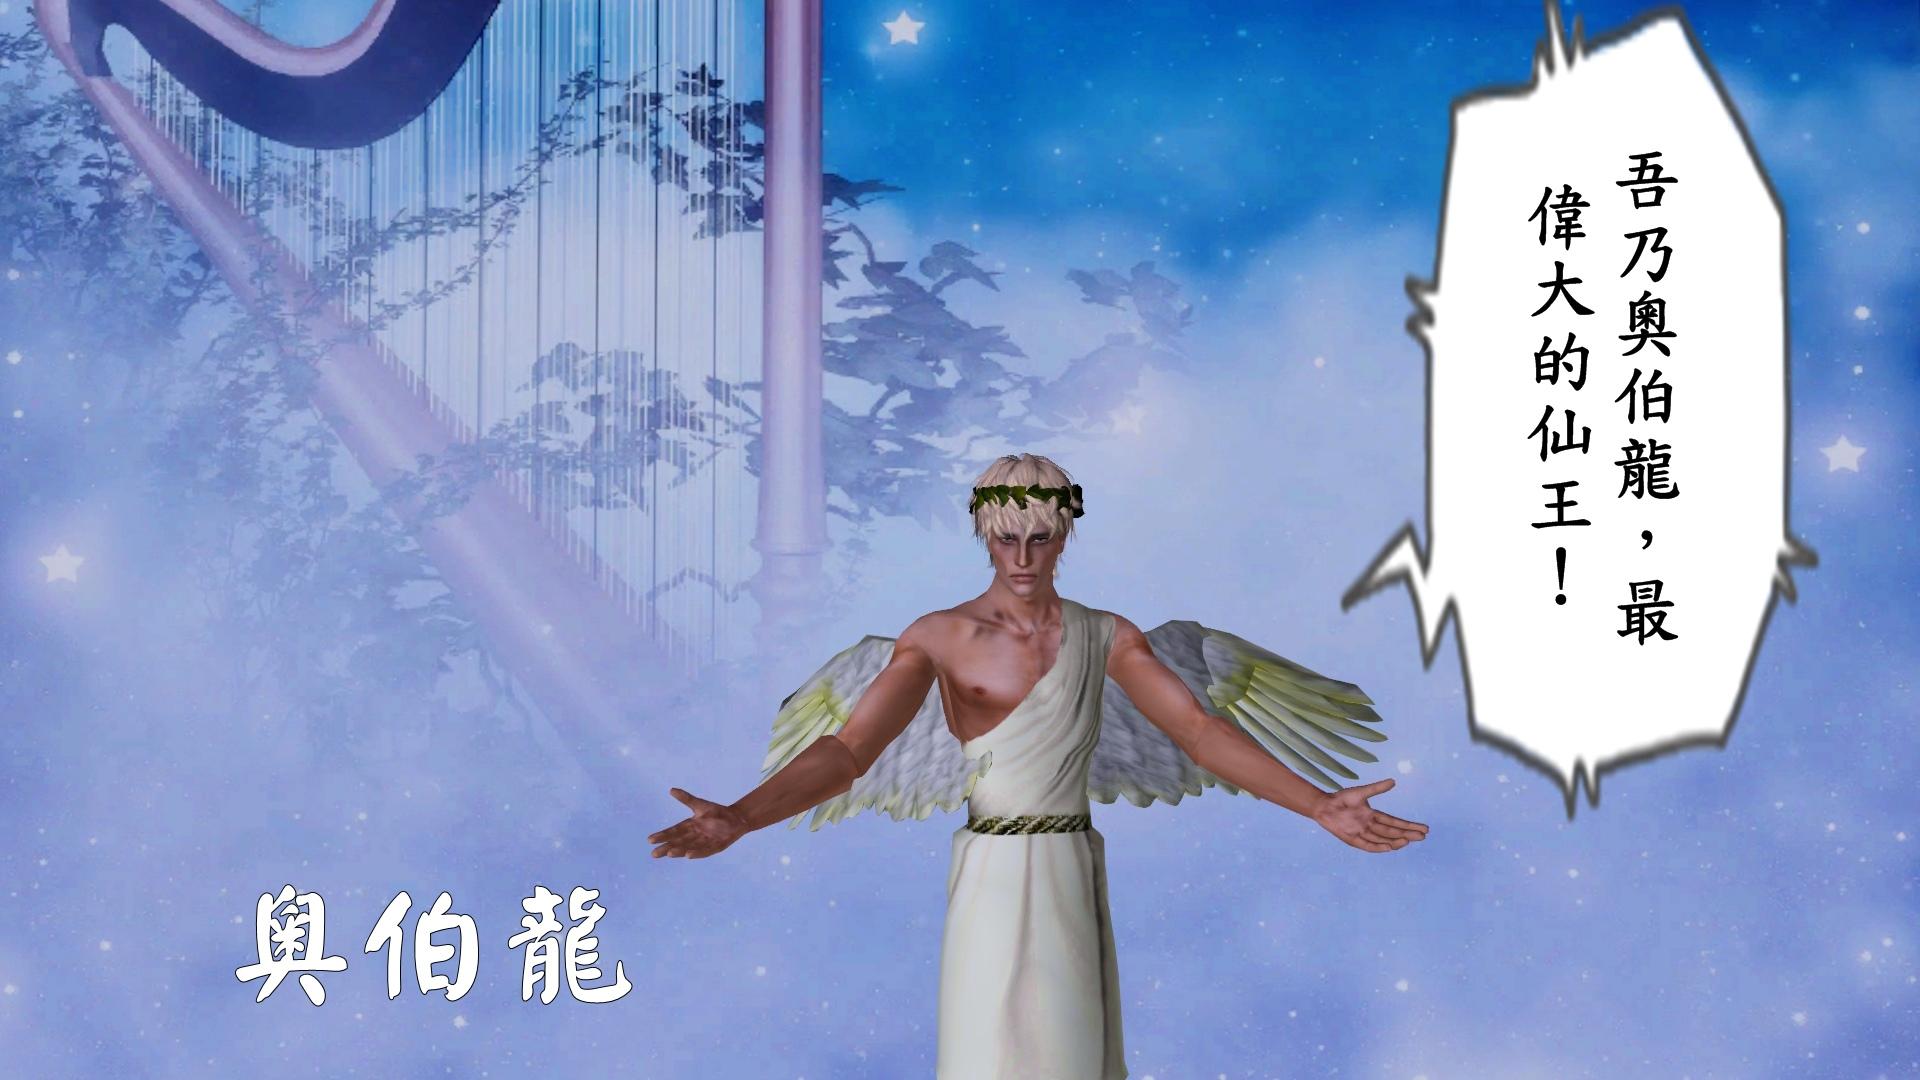 C06吾乃奧伯龍,最偉大的仙王。.jpg